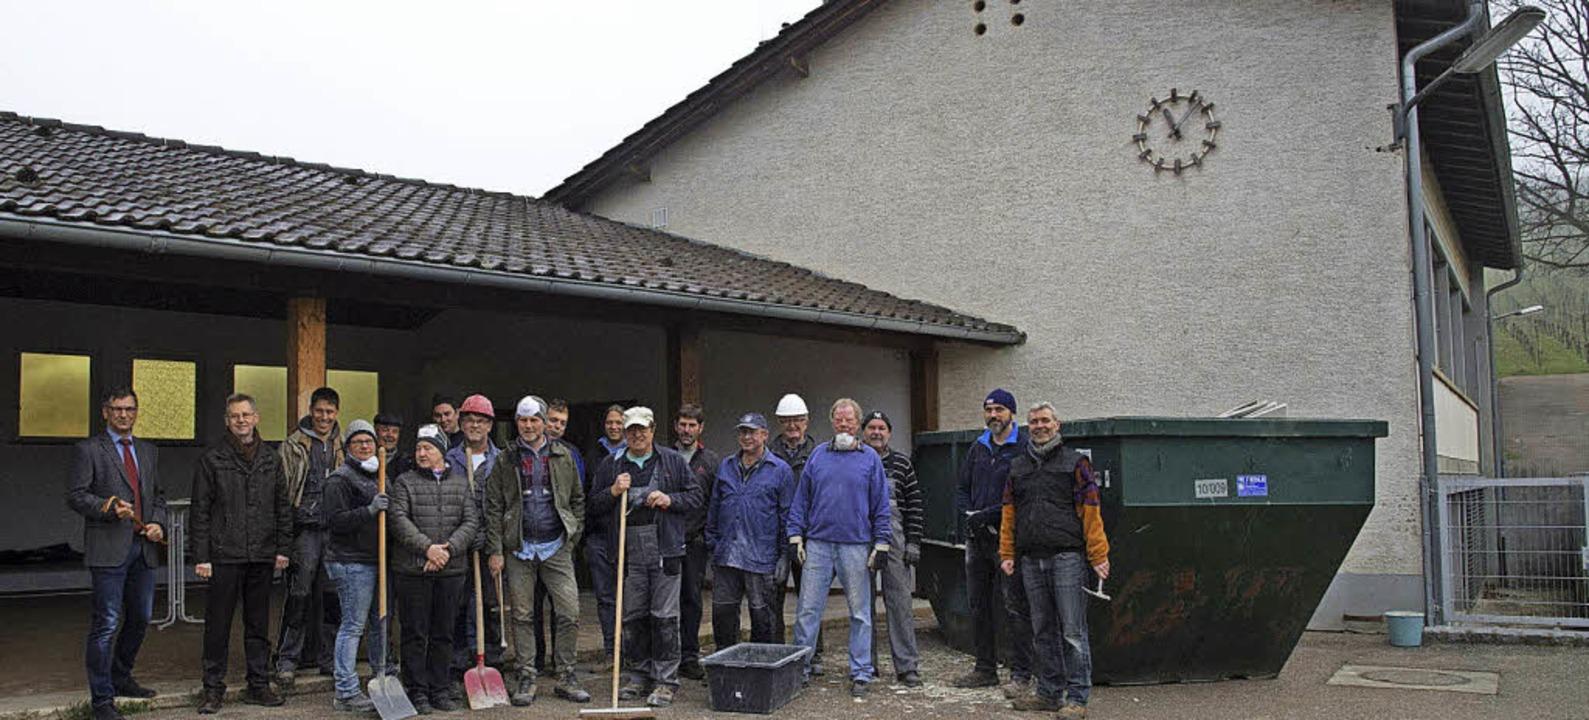 Mit dem Umbau der alten Schule zu eine...as Gebäude im Frühjahr schon mal aus.   | Foto: Volker Münch